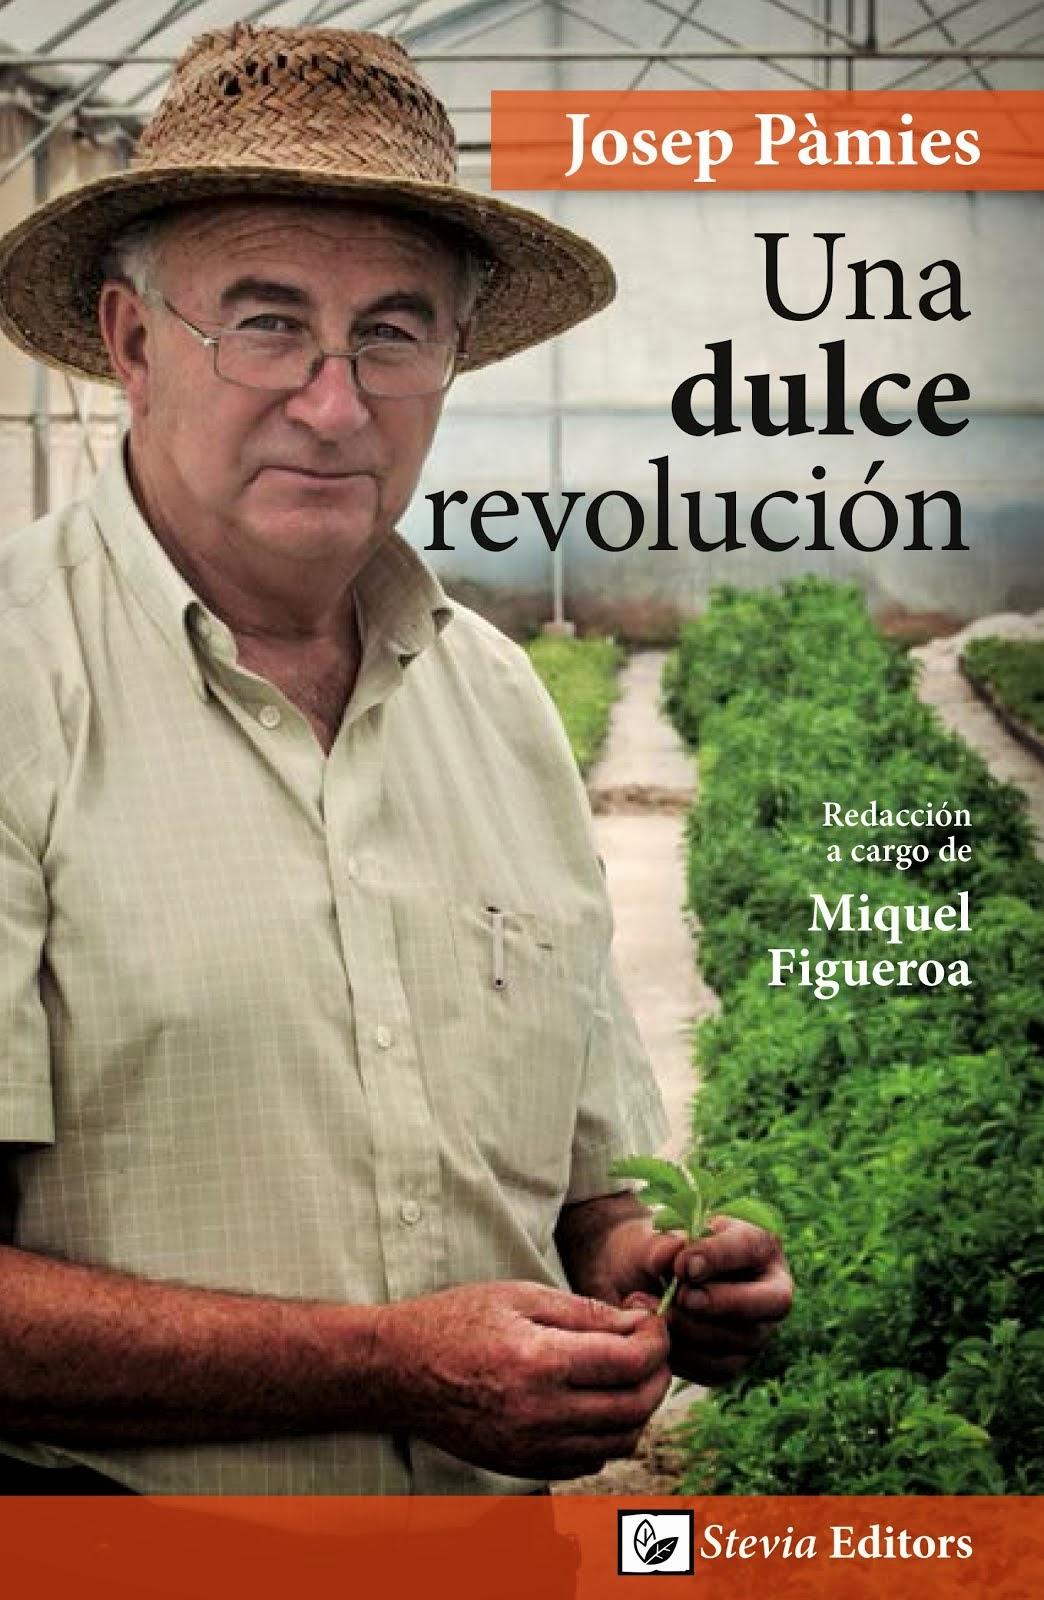 """Ya está disponible el libro """"Una dulce revolución"""" de Josep Pàmies"""